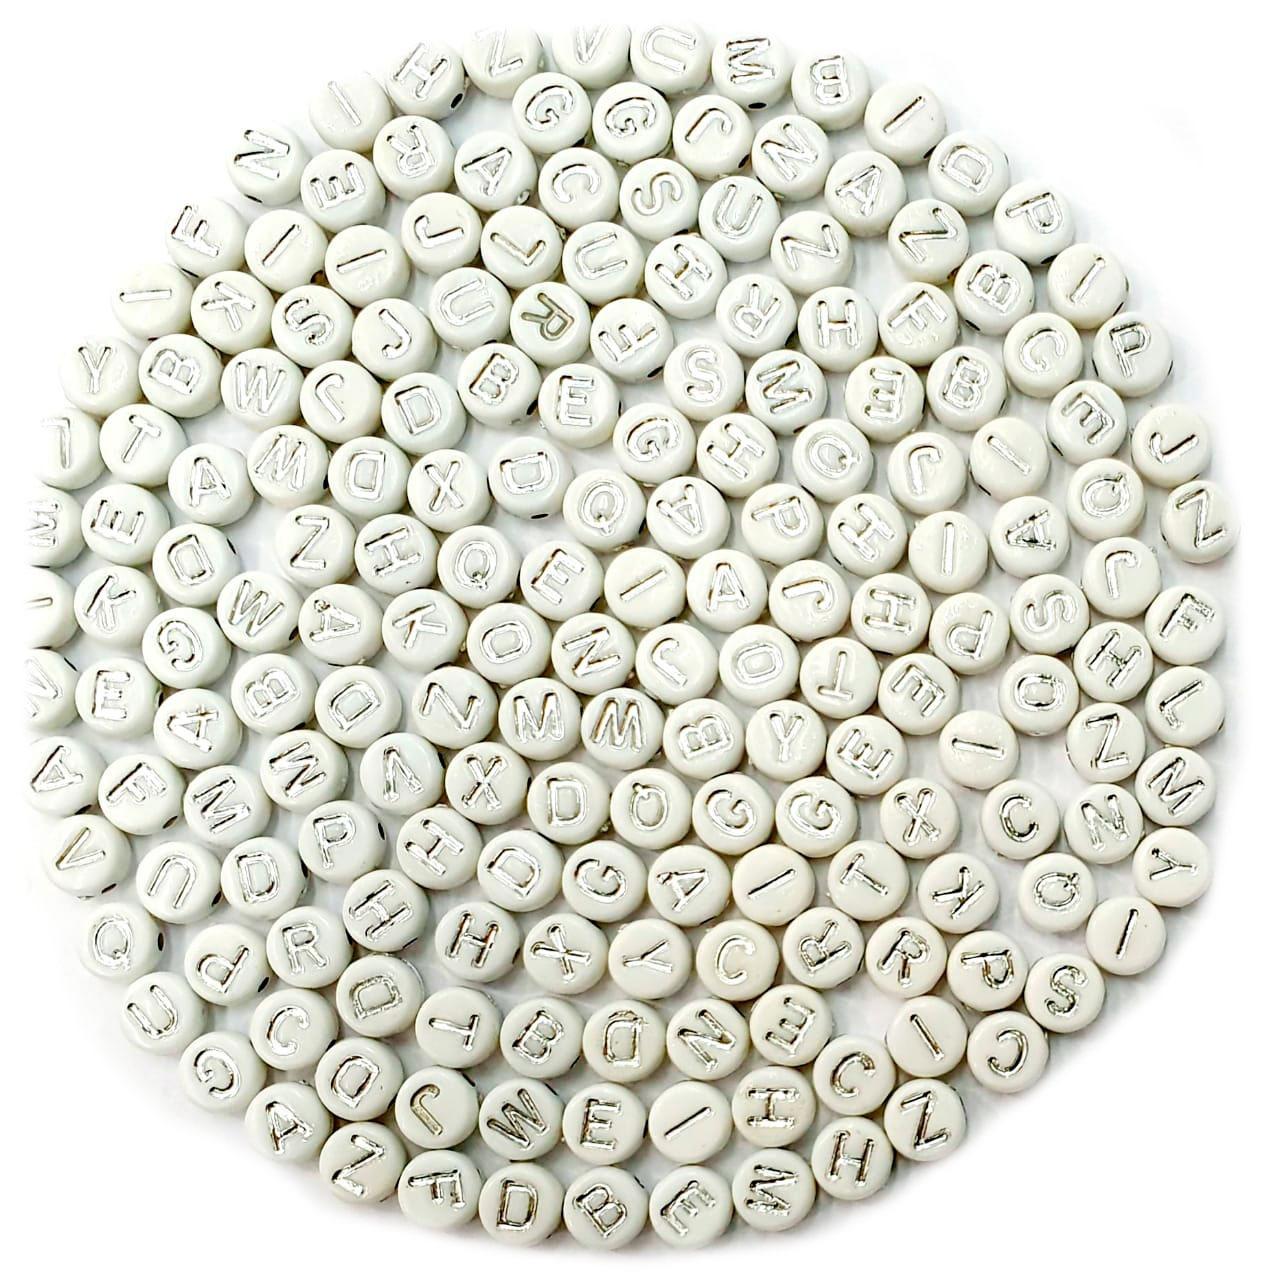 Letrinhas Achatadas Branca com Prata